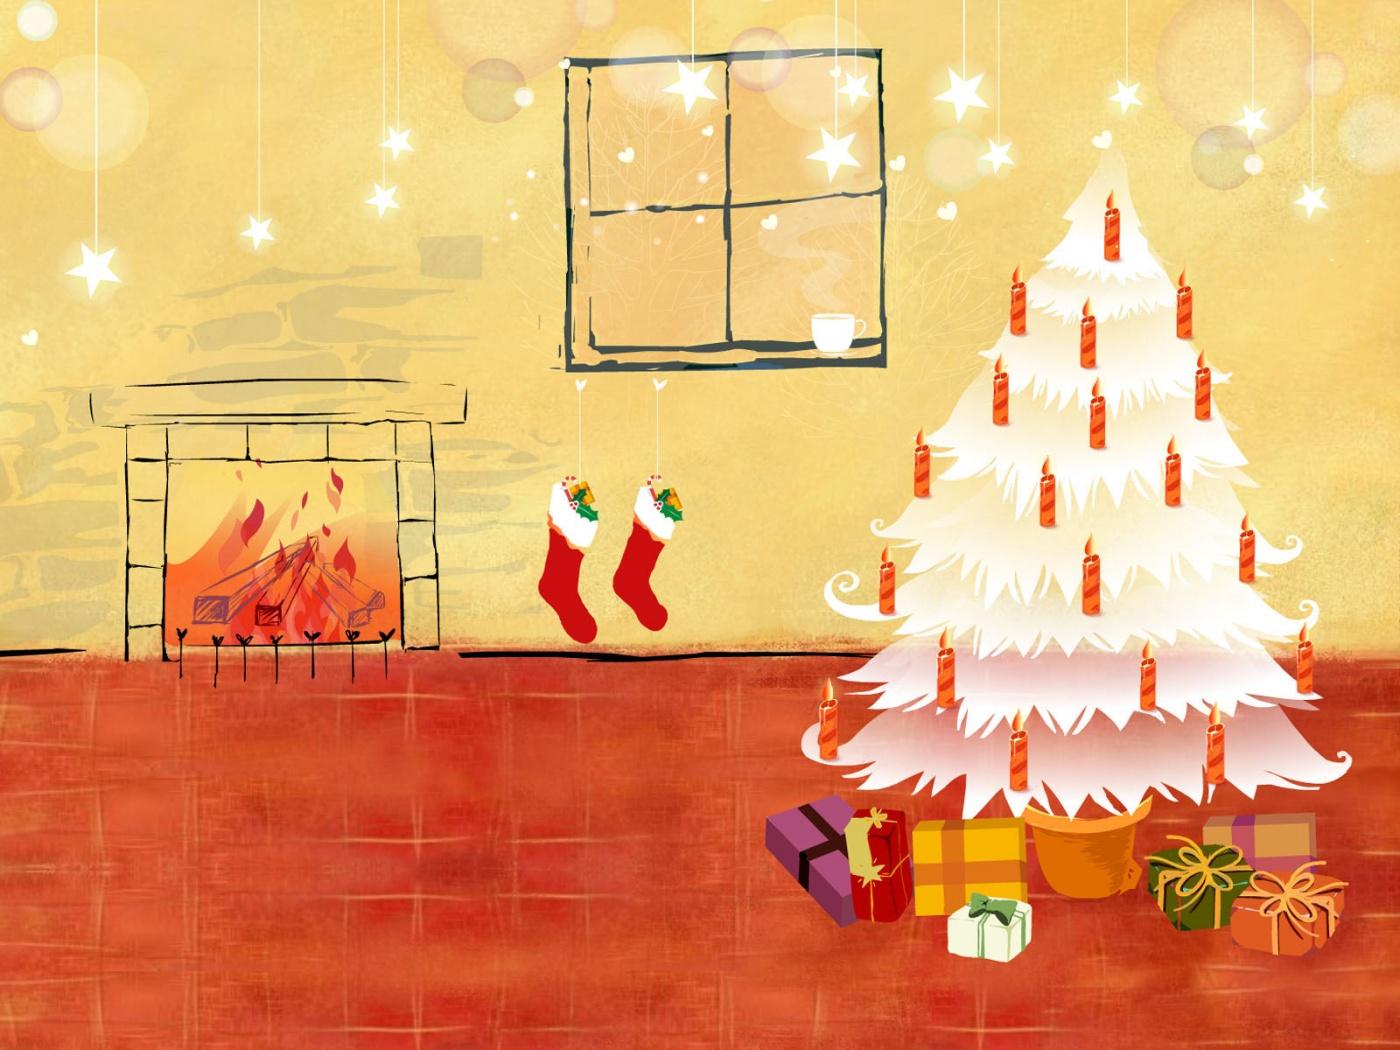 Arbol de navidad blanco con regalos 1400x1050 fondo de - Arbol de navidad con regalos ...